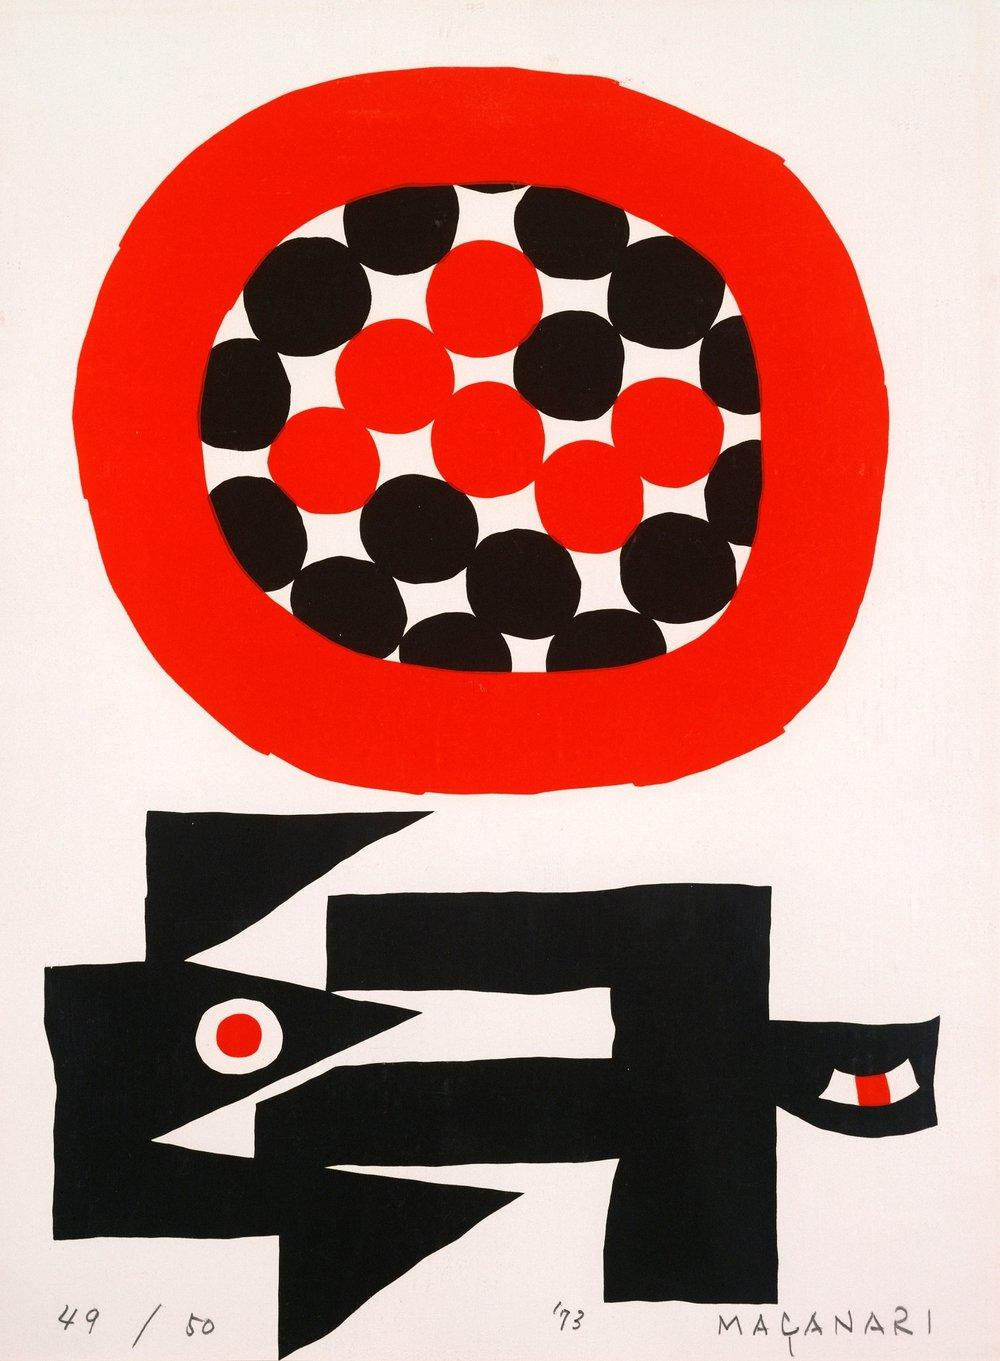 Masanari Murai, Sun and Bird, 68 x 49, 1973, silkscreen, 1025 CAD